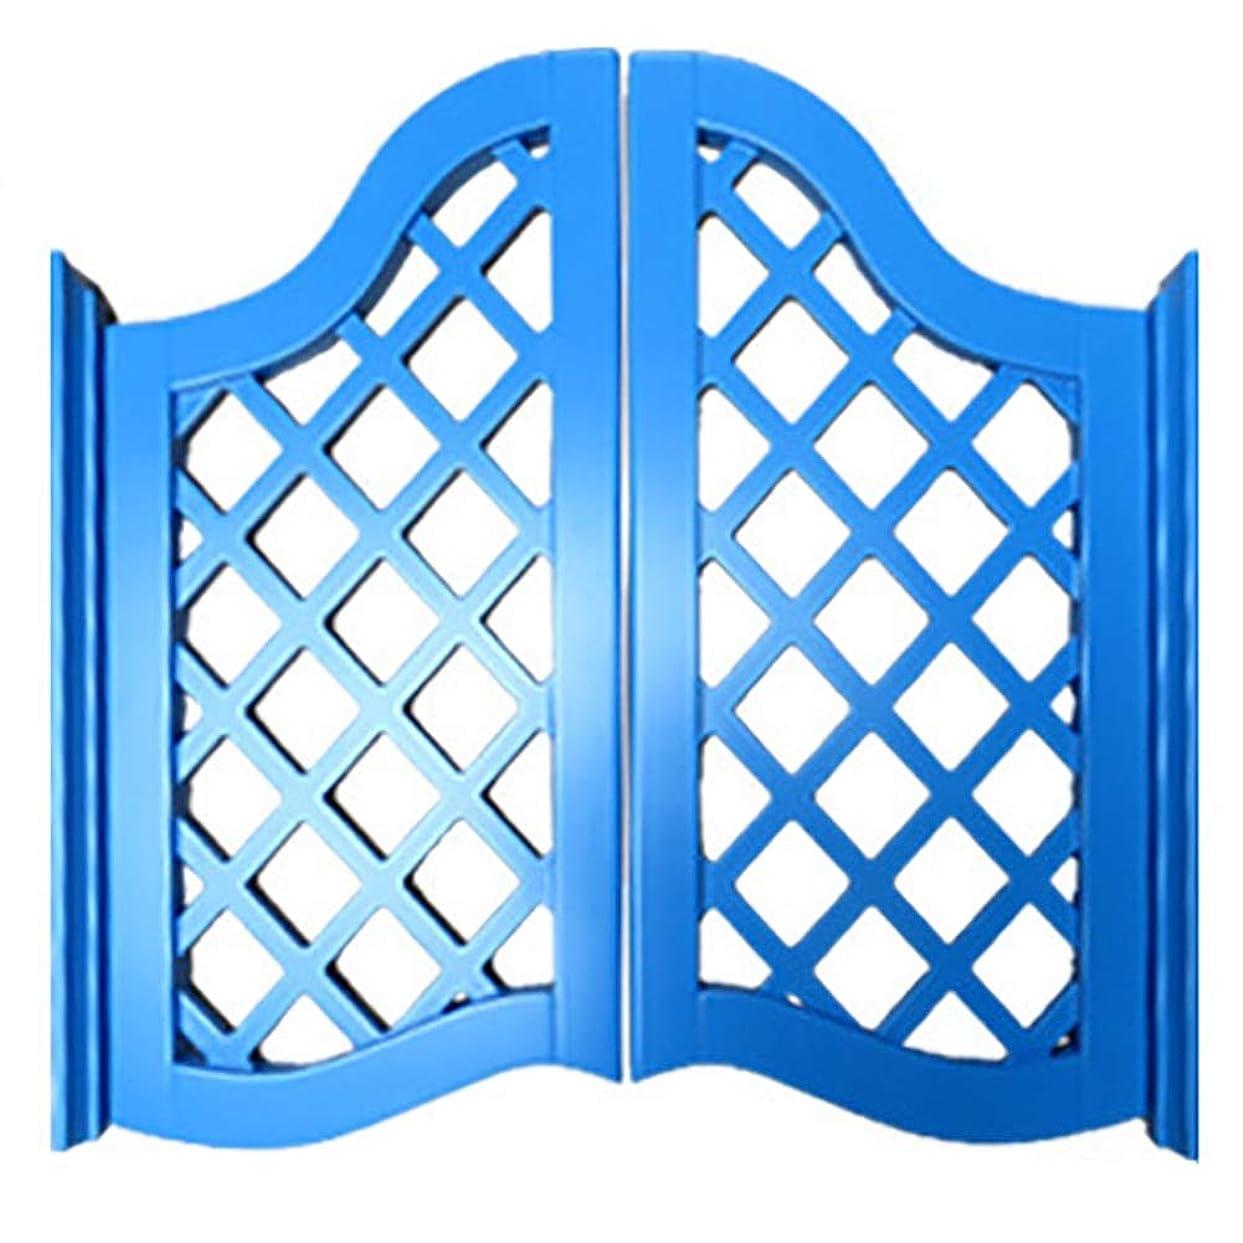 顔料クスコむちゃくちゃGuoWei バー スイングドア 木製 ヒンジ 含まれる カフェ 入り口 キッチン 屋内 つかいます、 カスタマイズ可能 (Color : Blue, Size : 90cmx90cm)